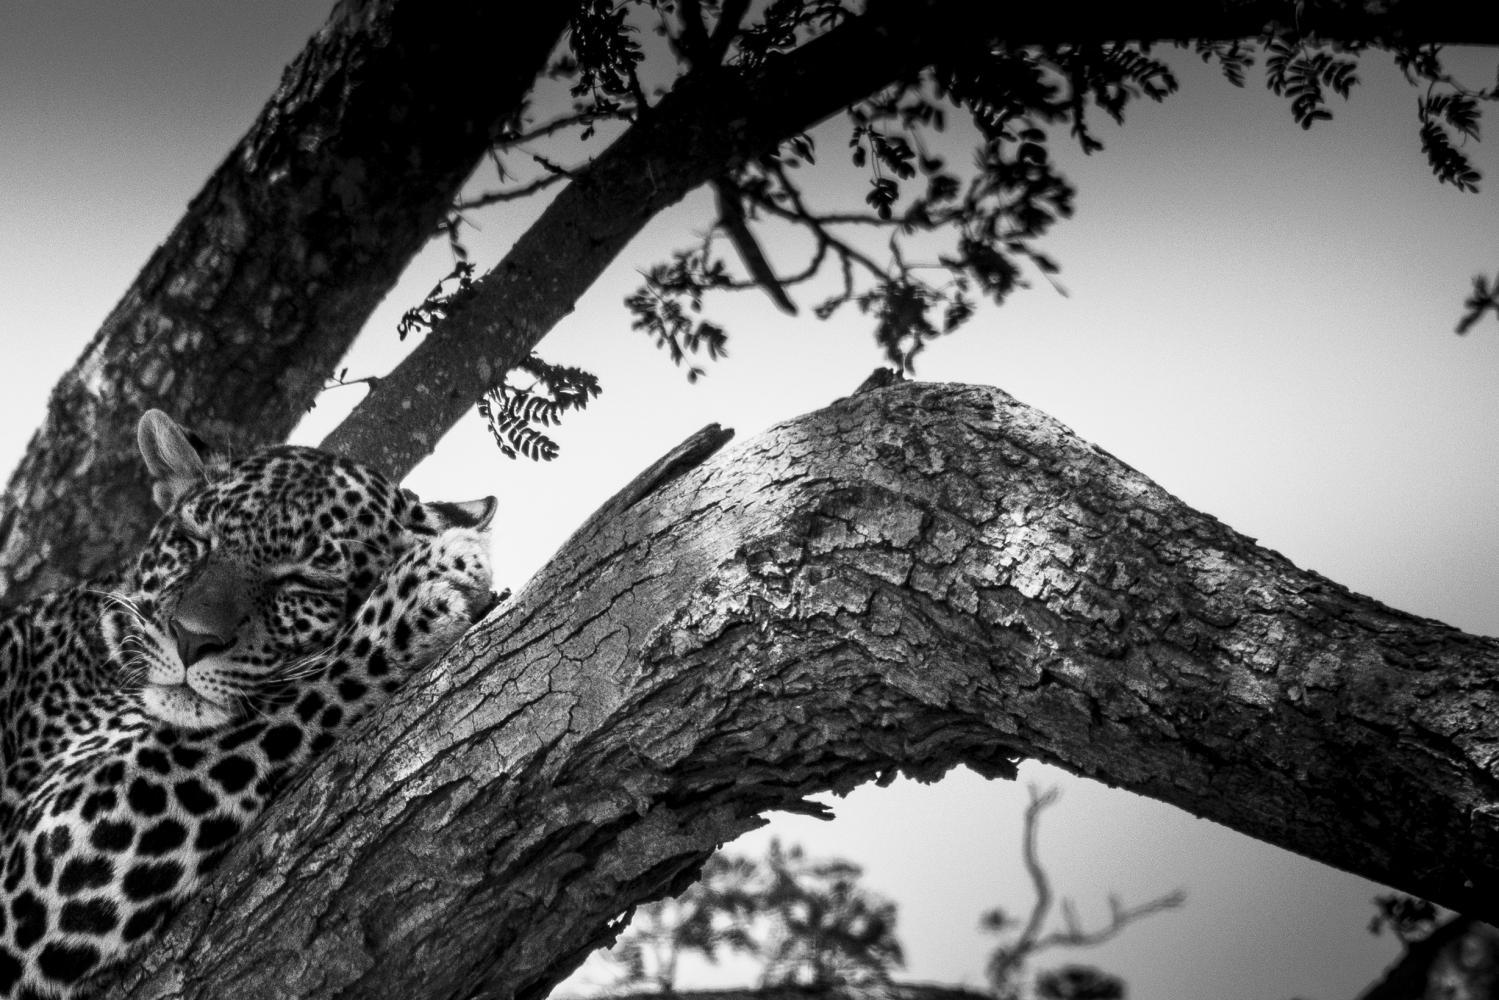 Léopard dans les branches